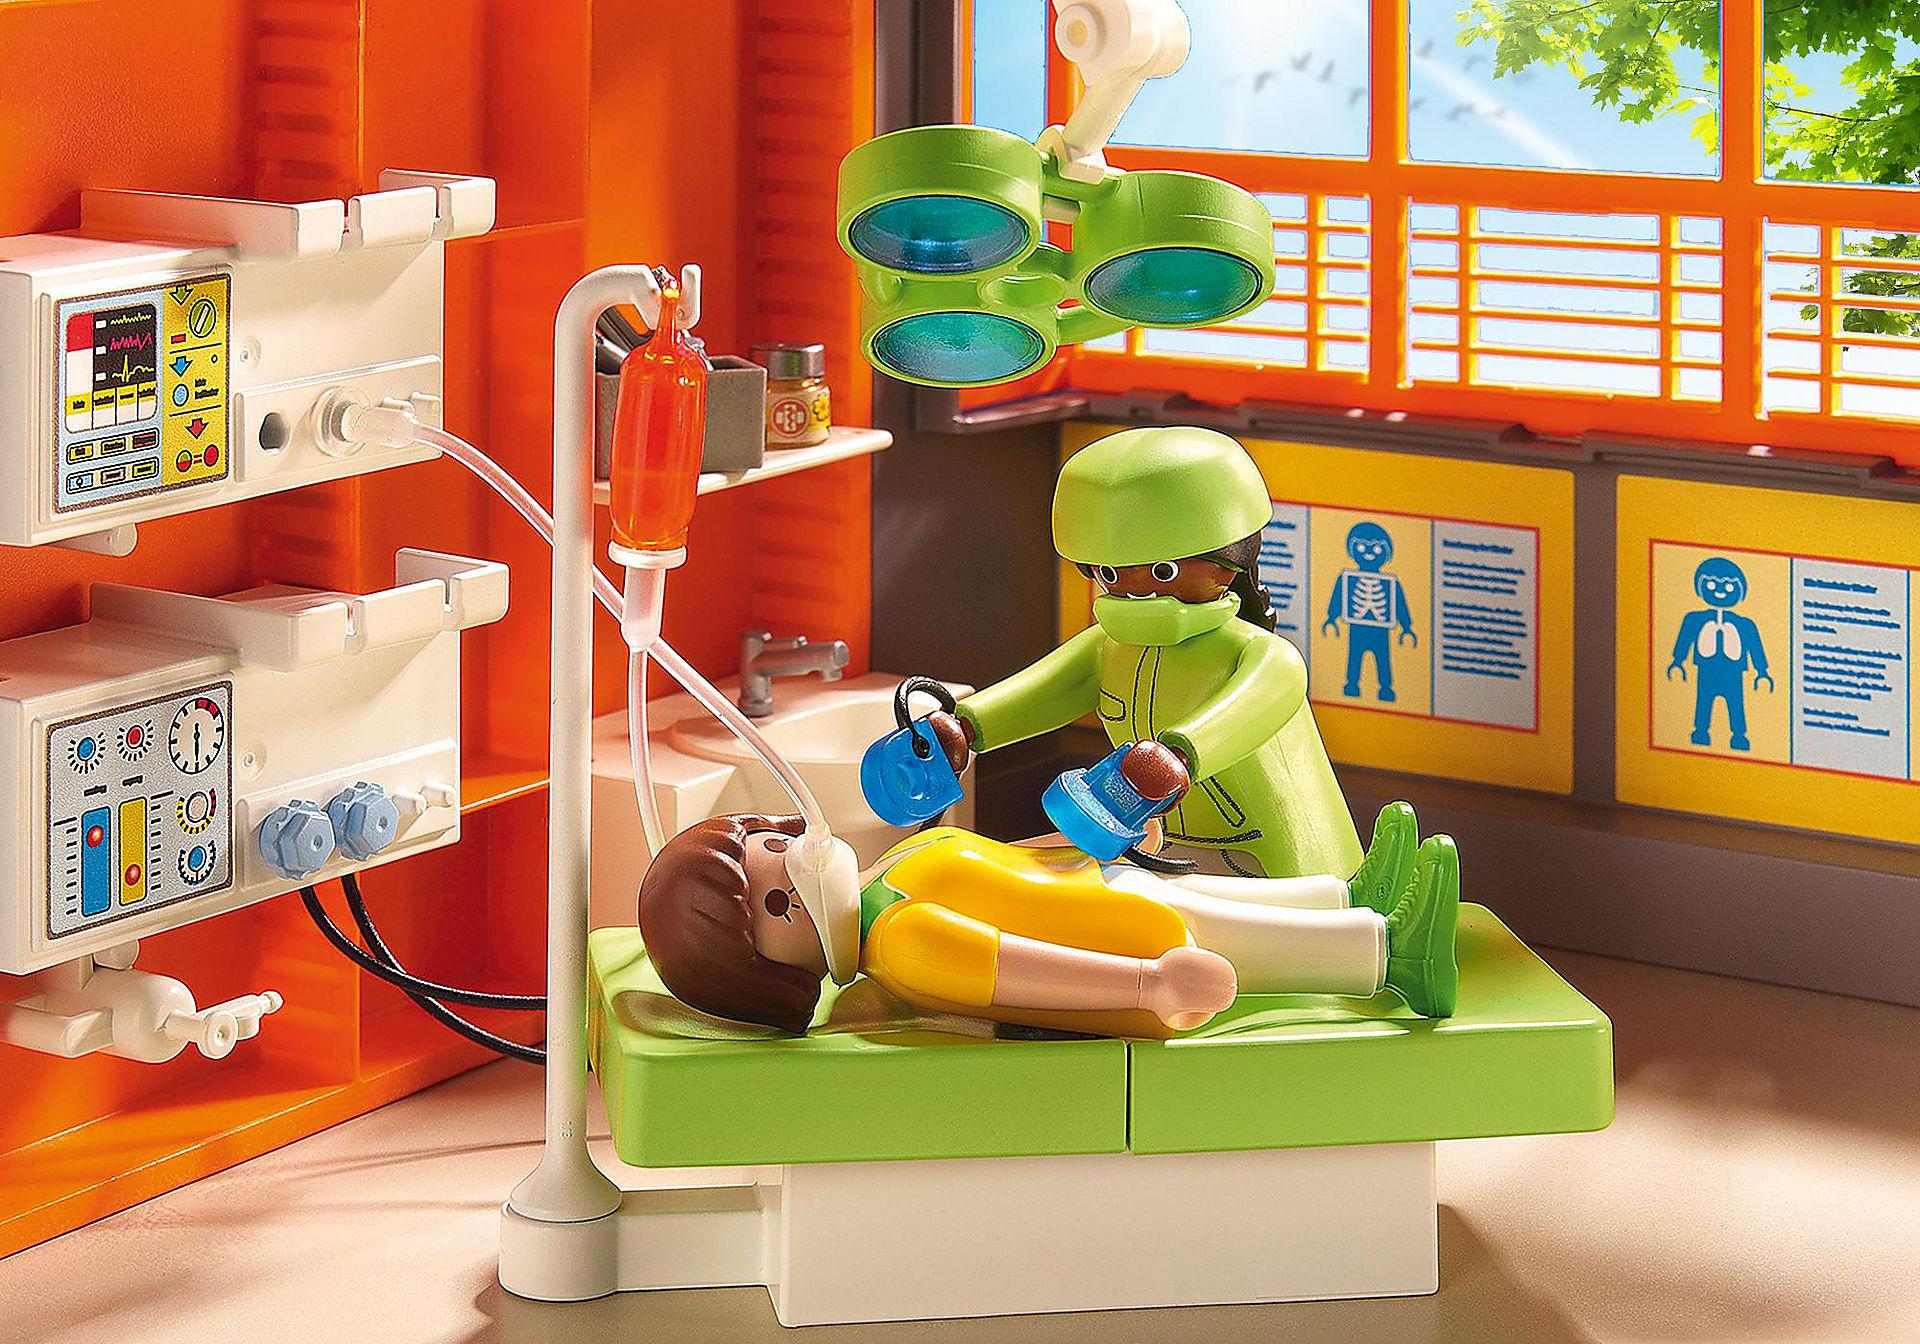 6657 Hôpital pédiatrique aménagé  zoom image5